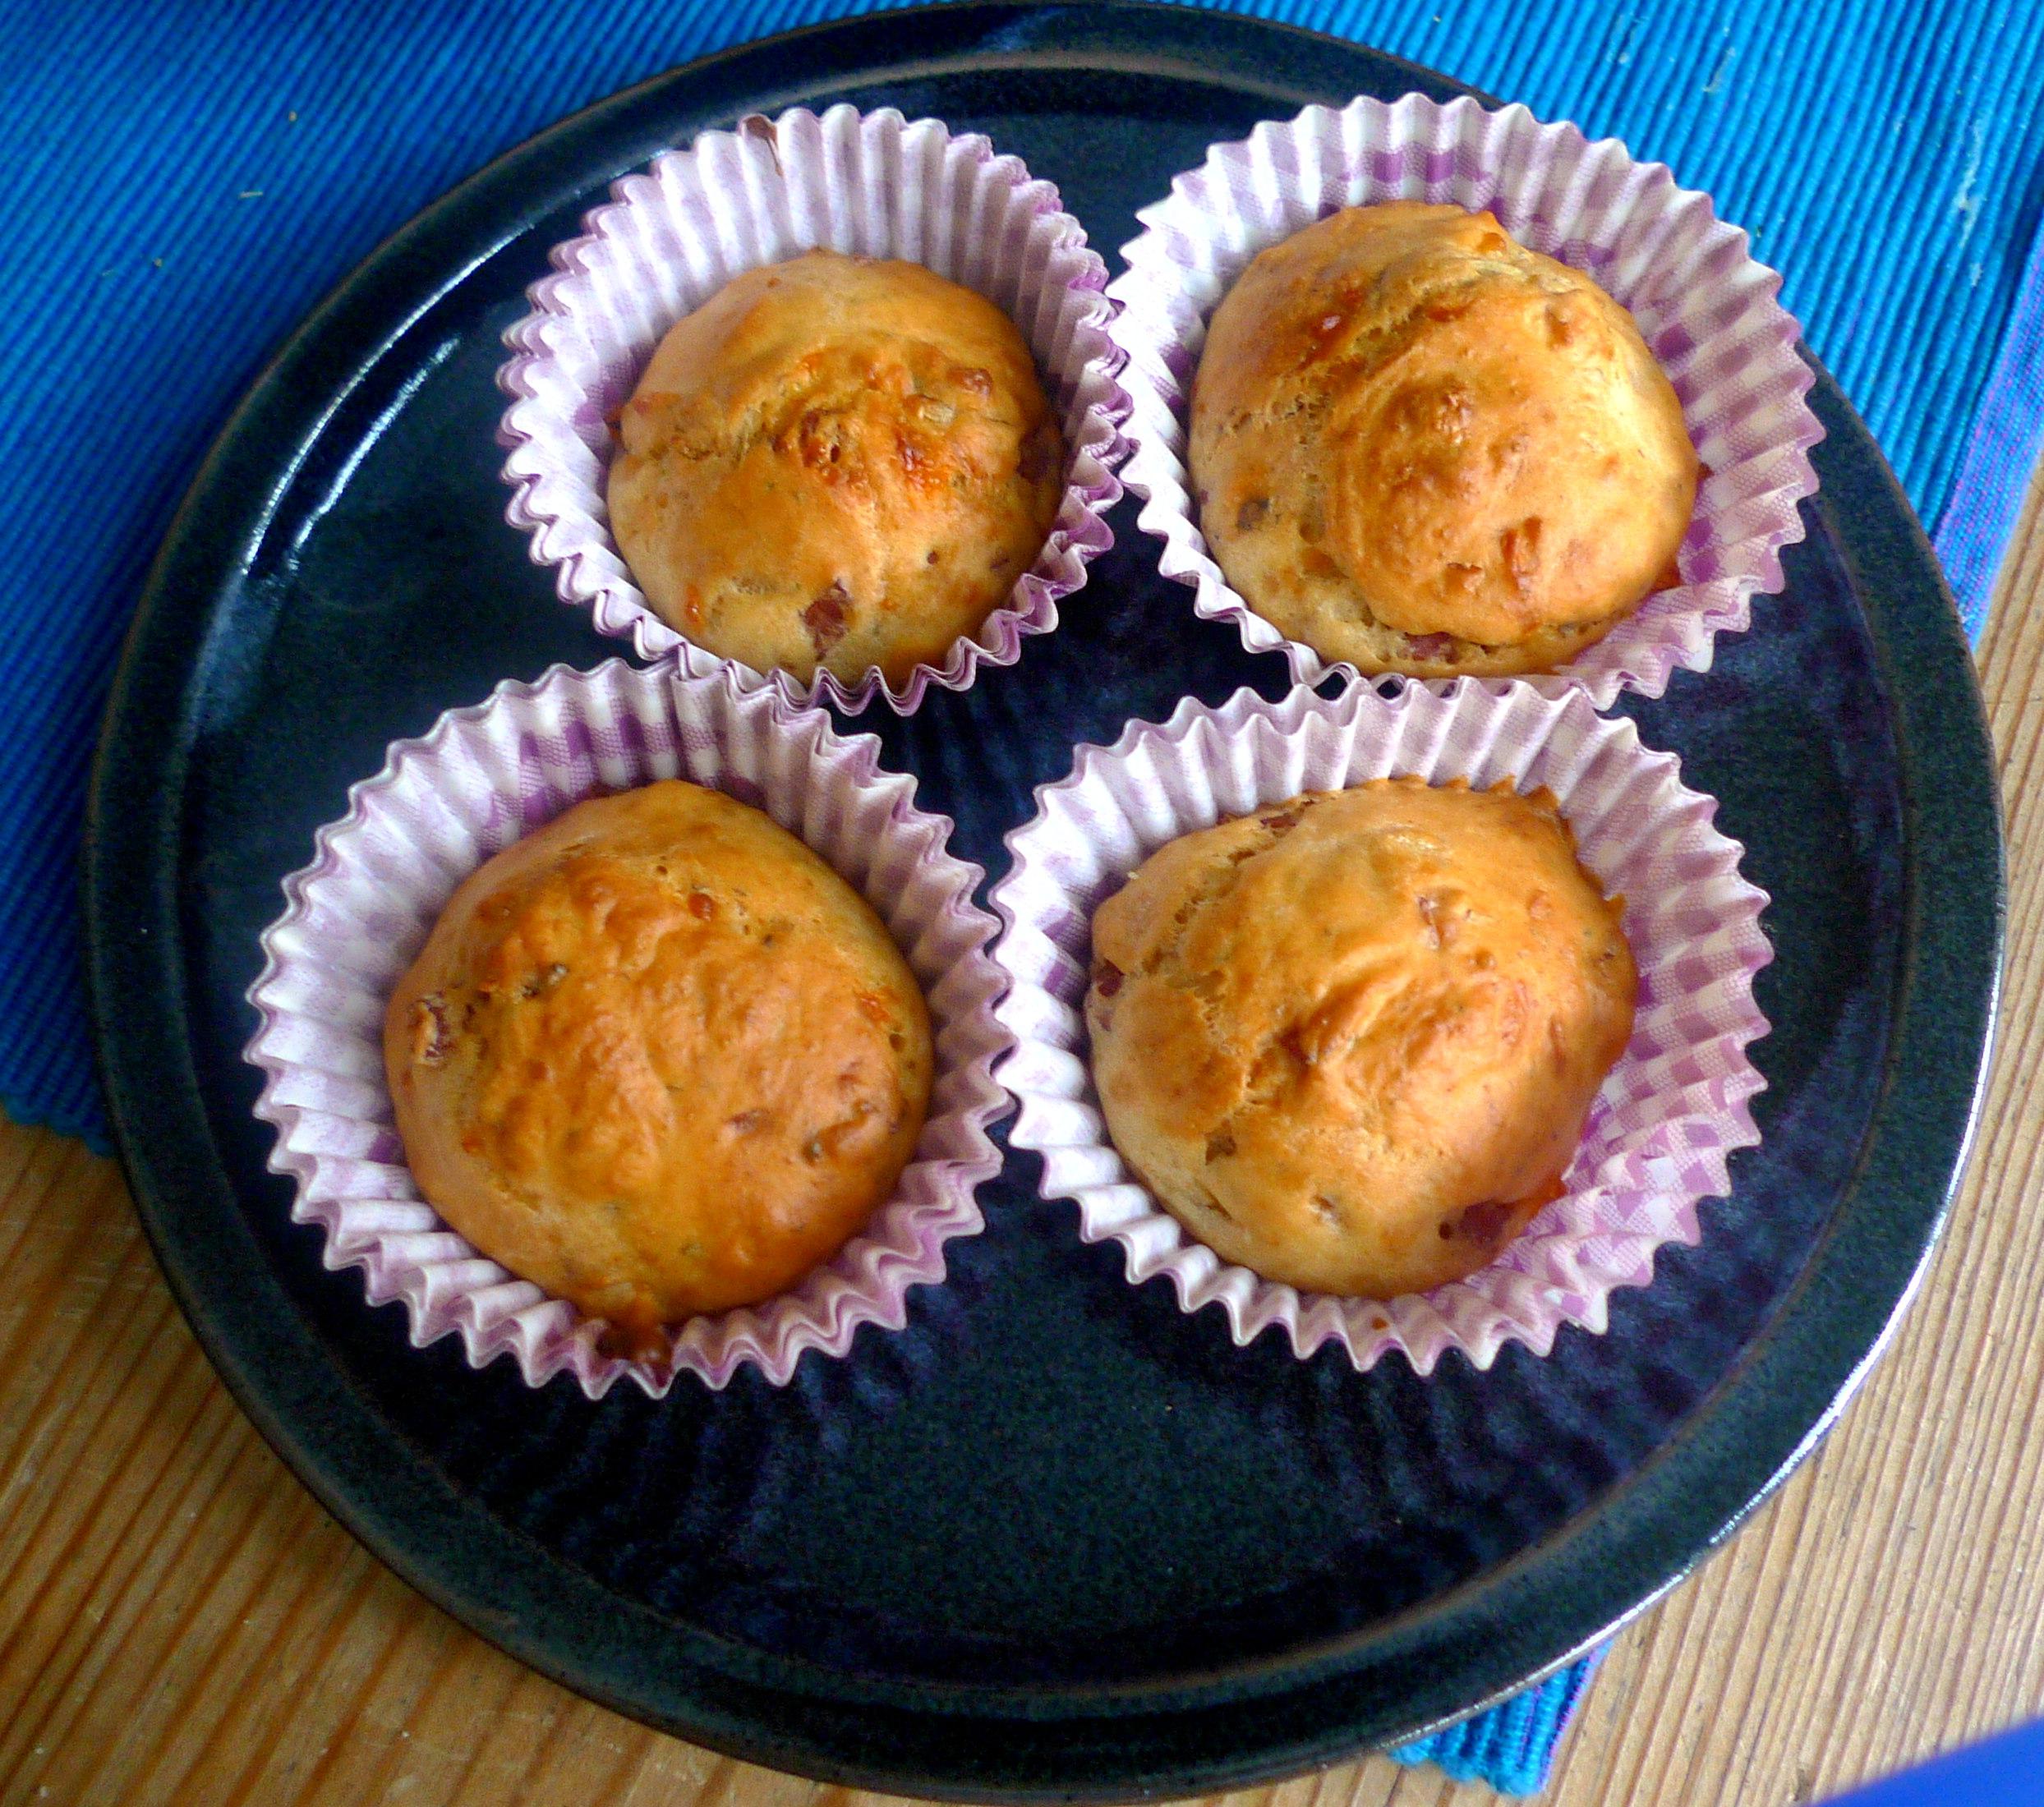 schinken-kase-muffinsbabyspinatkohlrabigemusegurkensalat-16